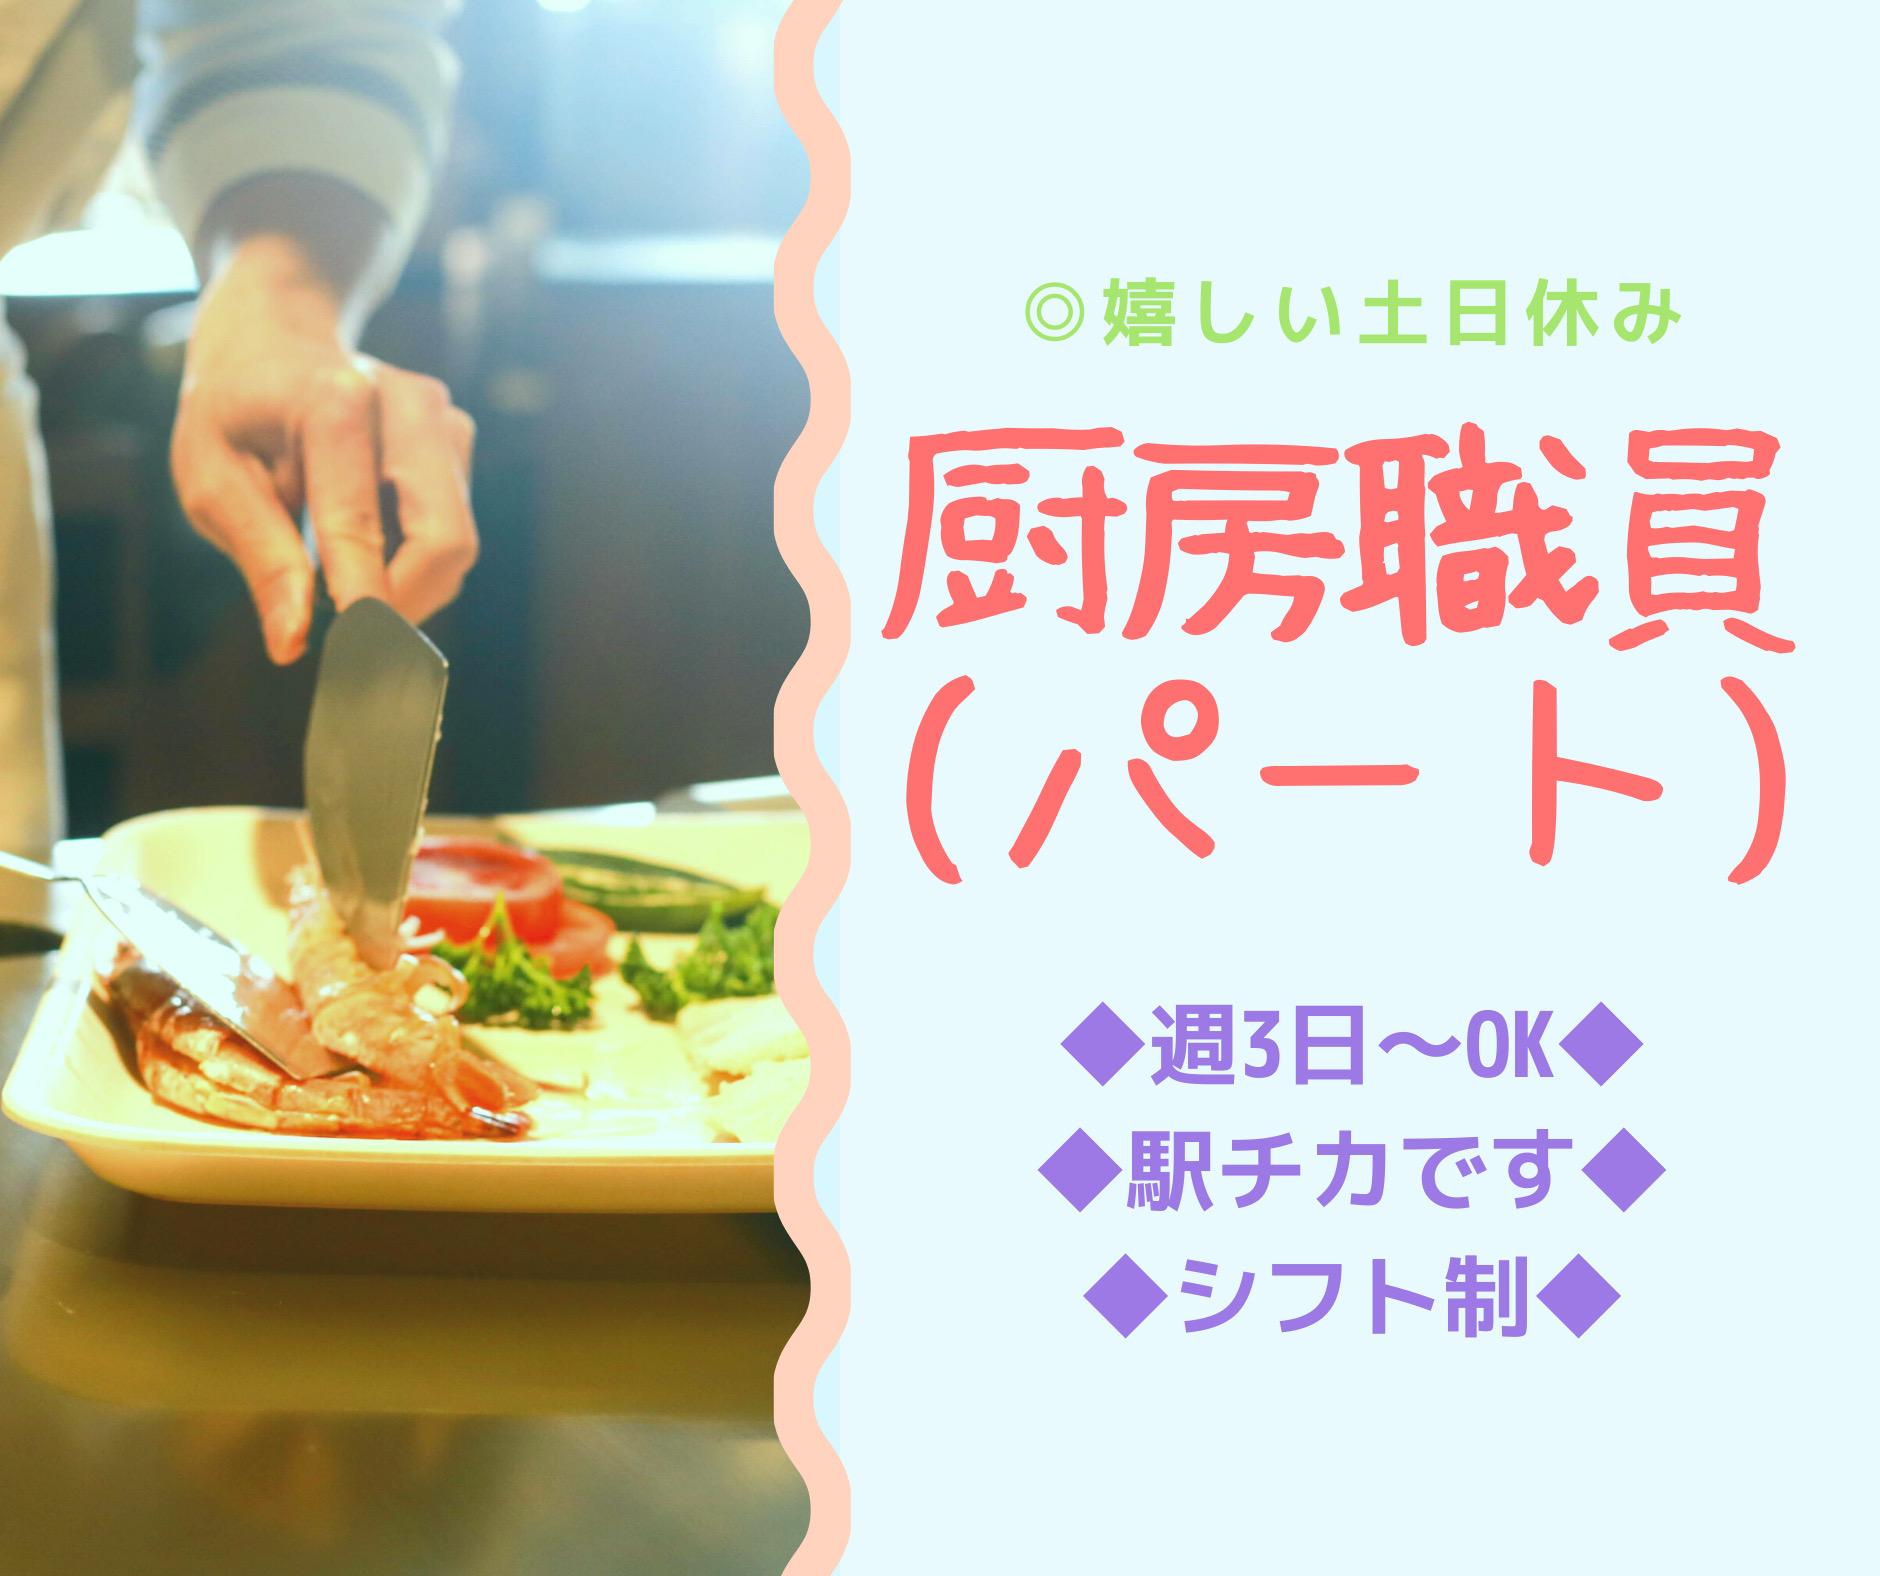 【即面談可能】名古屋市昭和区で厨房職員(アルバイト・パート)◎週3日~OK◎シフト制◎残業なし◎昇給年1回 イメージ